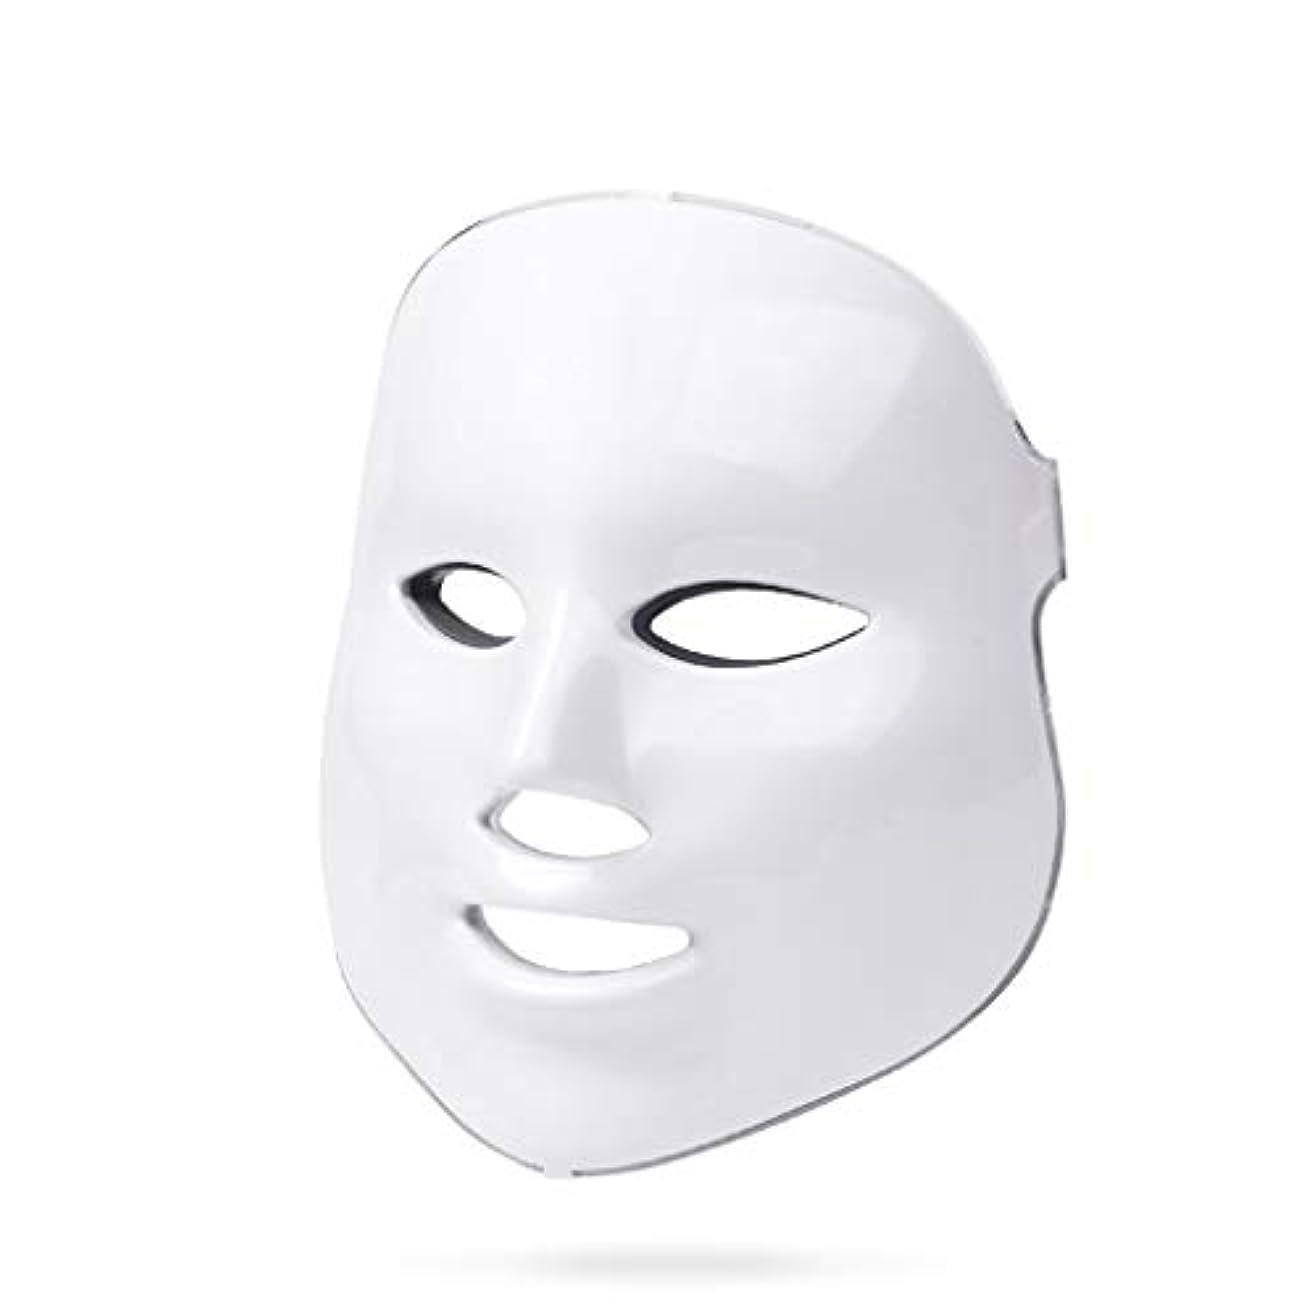 お嬢苦難ミネラルライトセラピー?マスク、ライトセラピーは調色、しわ、アクネホワイトニングマスクフェイシャルマスクセラピー7色のアンチエイジングスキンケアライトセラピーにきびを率いにきび治療をマスク (Color : White)